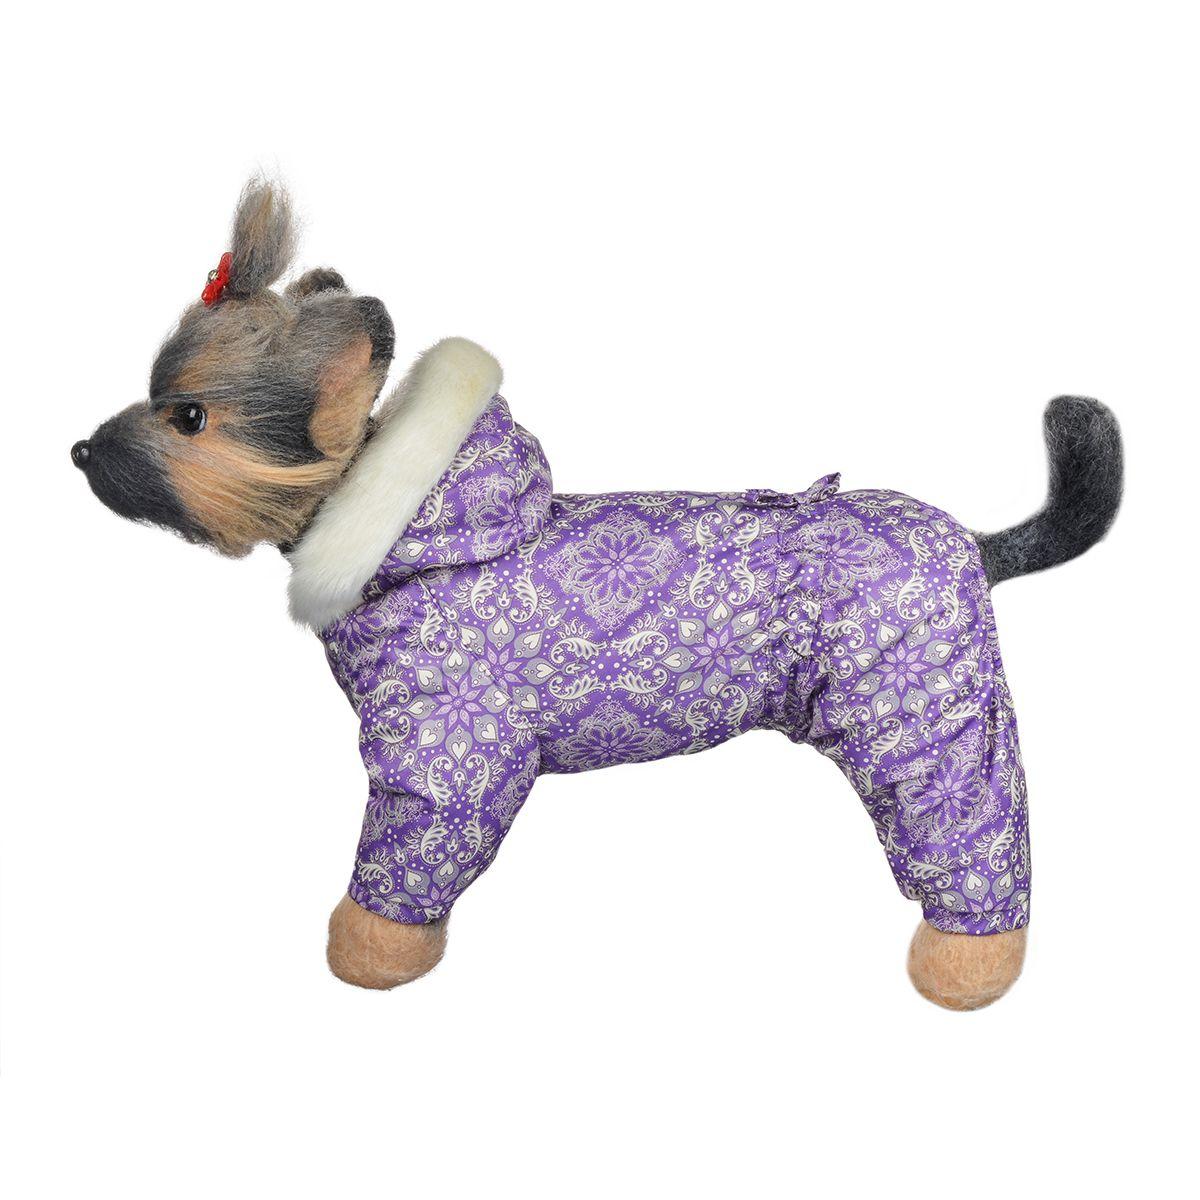 Комбинезон для собак Dogmoda Winter, зимний, для девочки, цвет: фиолетовый, белый, серый. Размер 3 (L)0120710Зимний комбинезон для собак Dogmoda Winter отлично подойдет для прогулок в зимнее время года. Комбинезон изготовлен из полиэстера, защищающего от ветра и снега, с утеплителем из синтепона, который сохранит тепло даже в сильные морозы, а на подкладке используется искусственный мех, который обеспечивает отличный воздухообмен. Комбинезон с капюшоном застегивается на кнопки, благодаря чему его легко надевать и снимать. Капюшон украшен искусственным мехом и не отстегивается. Низ рукавов и брючин оснащен внутренними резинками, которые мягко обхватывают лапки, не позволяя просачиваться холодному воздуху. На пояснице комбинезон затягивается на шнурок-кулиску.Благодаря такому комбинезону простуда не грозит вашему питомцу.